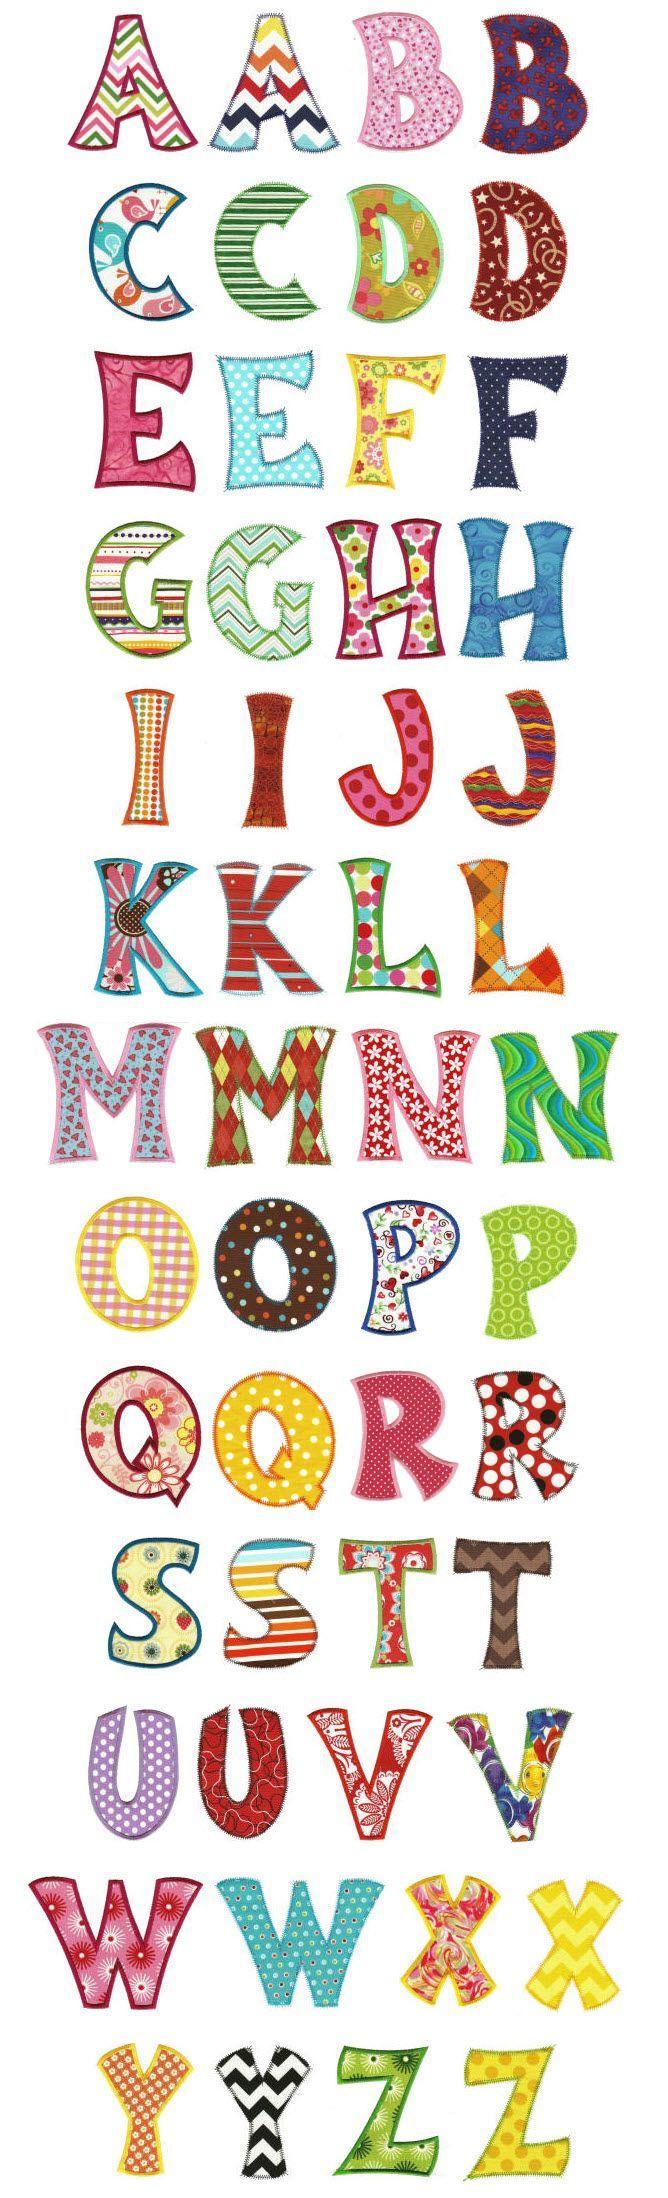 Letras abecedario para aplicaciones